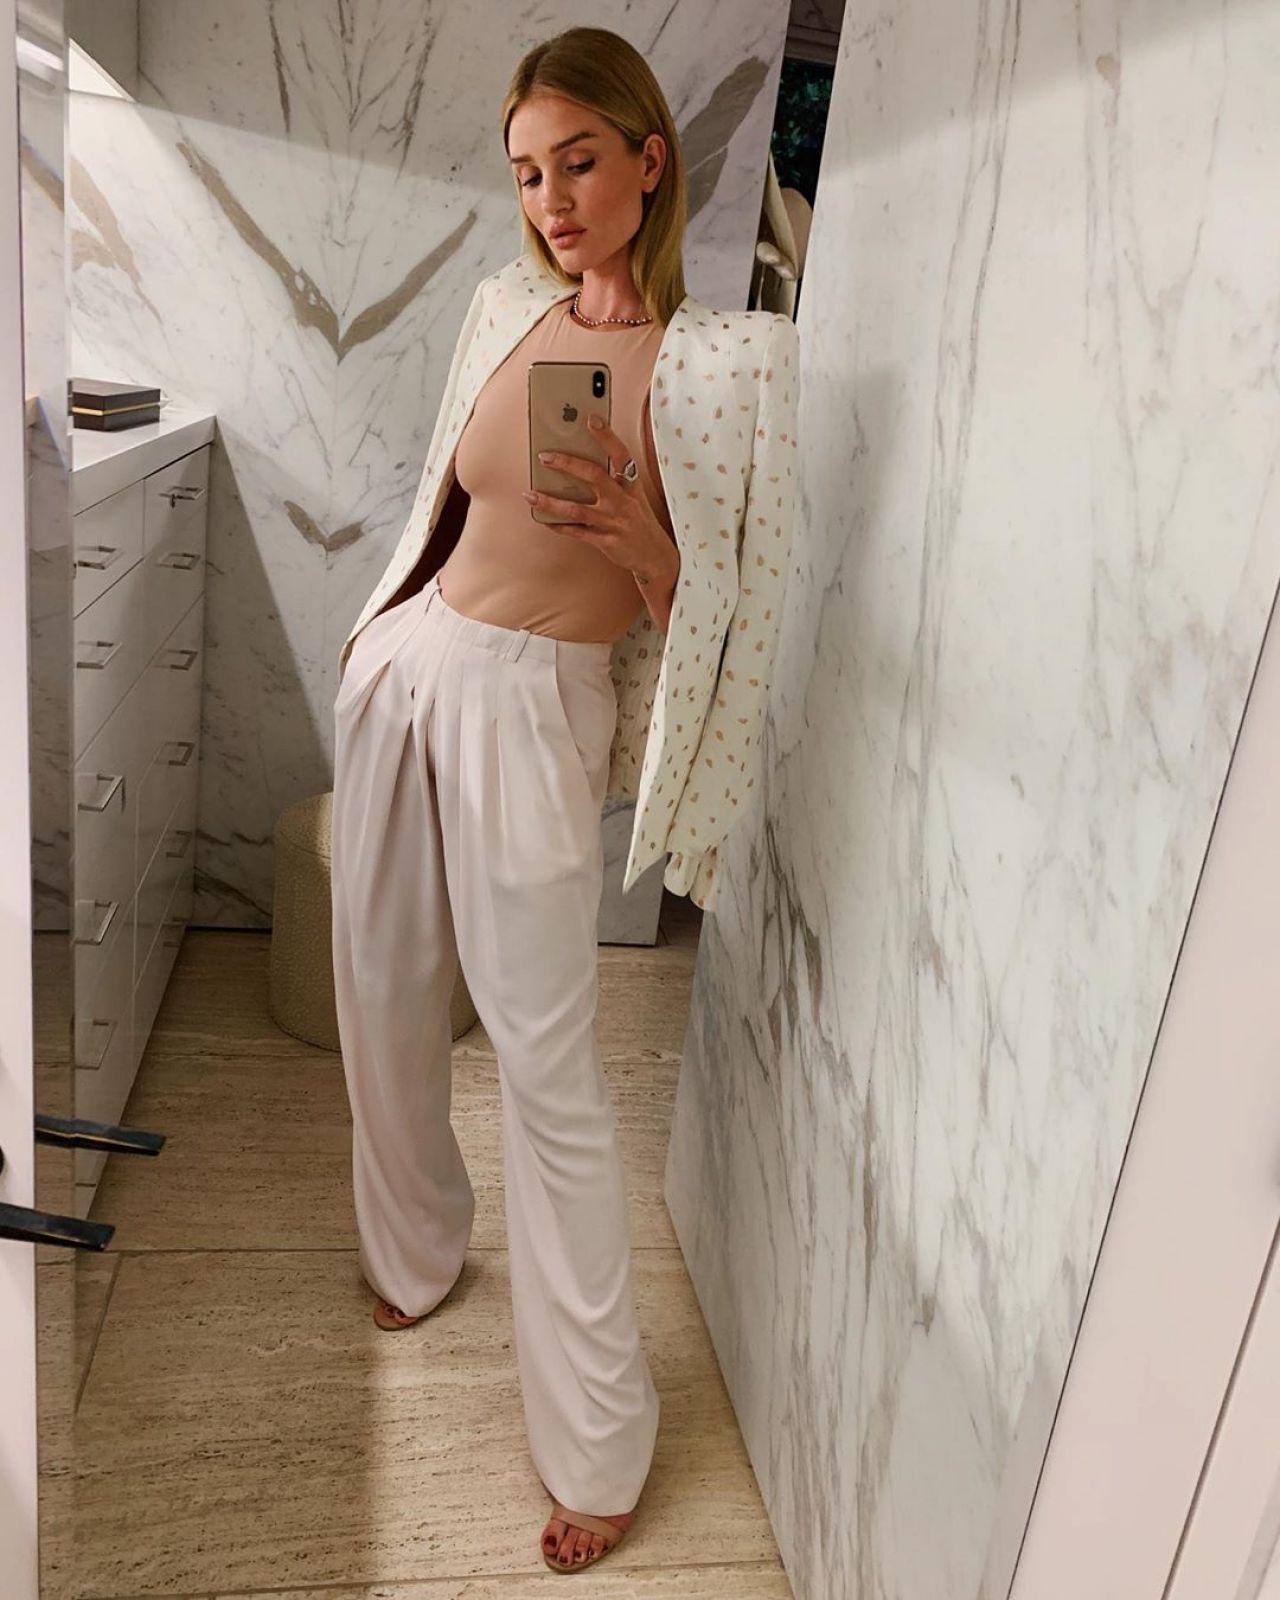 rosie-huntington-whiteley-in-chloe-suit—instagram